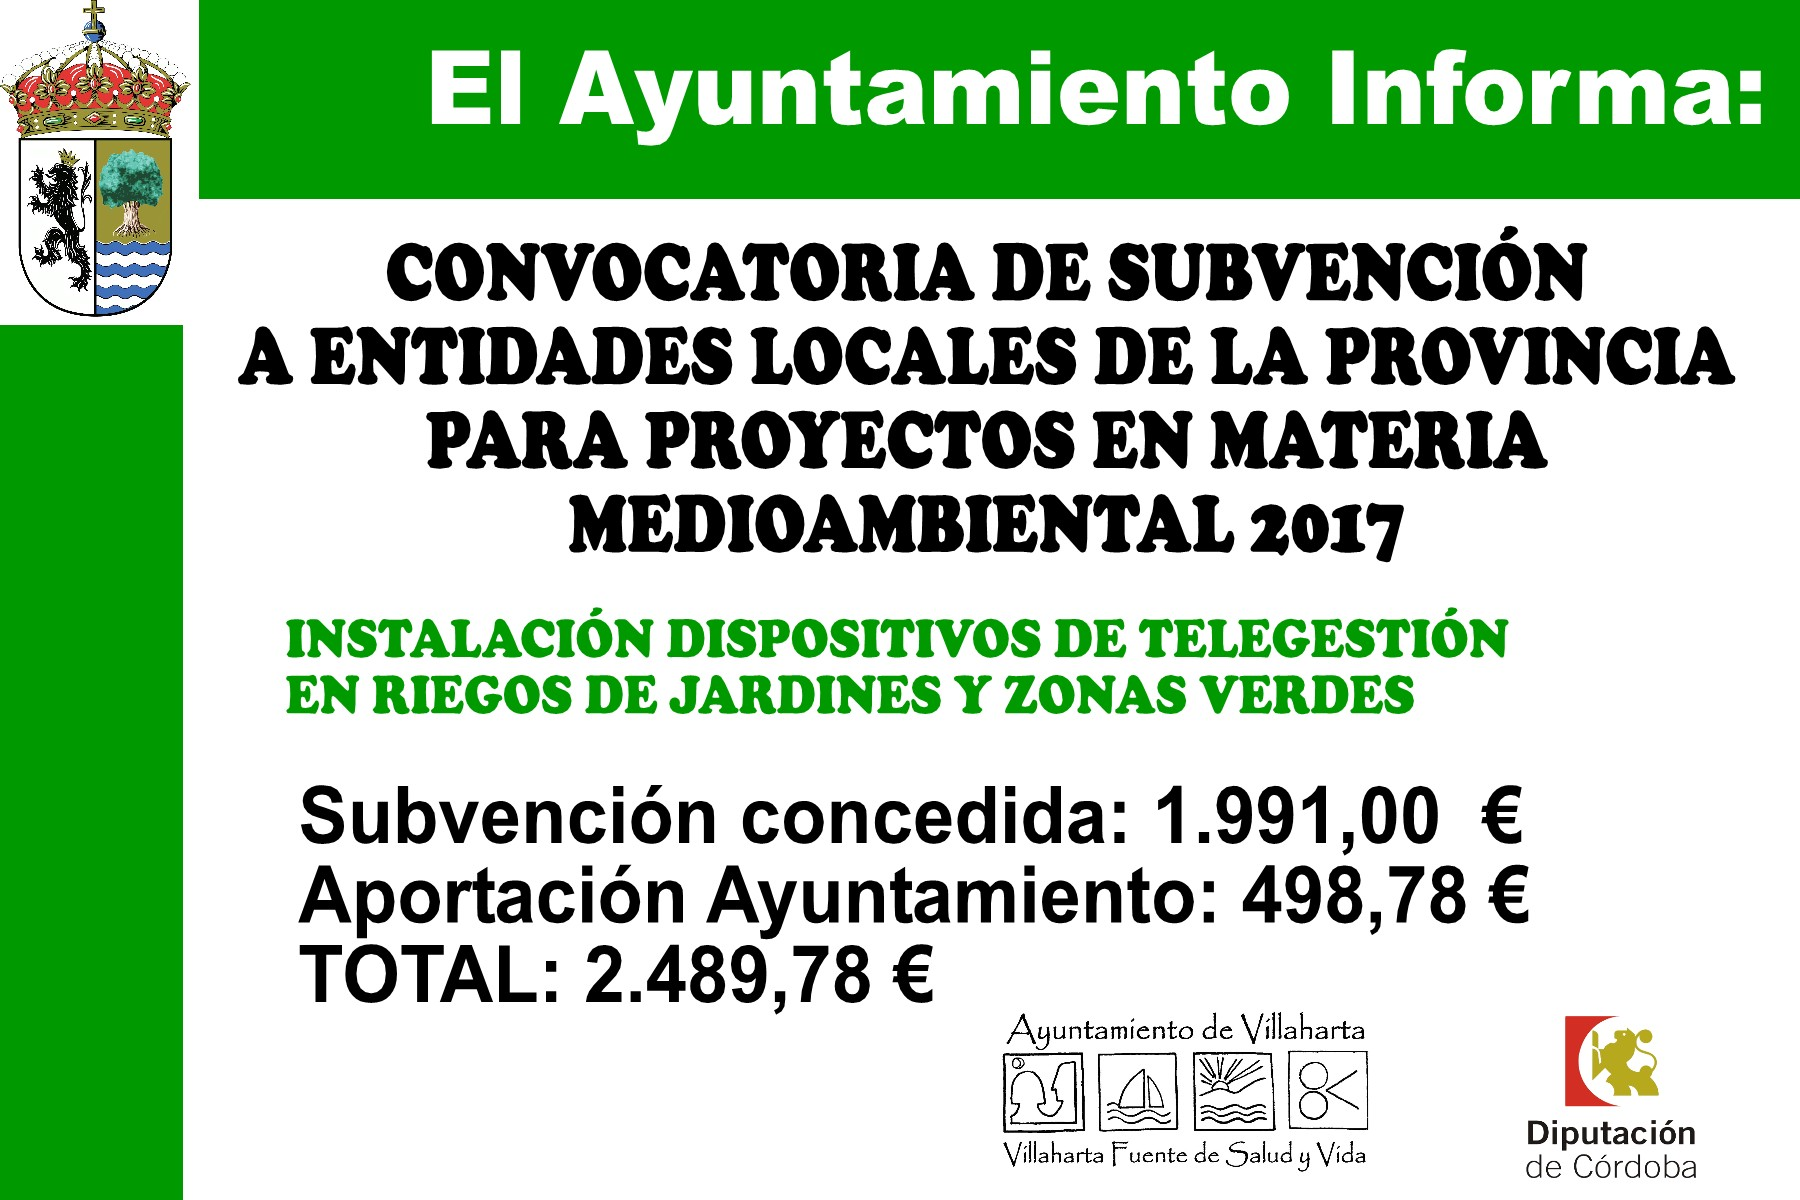 SUBVENCIONES RECIBIDAS. 2017 23